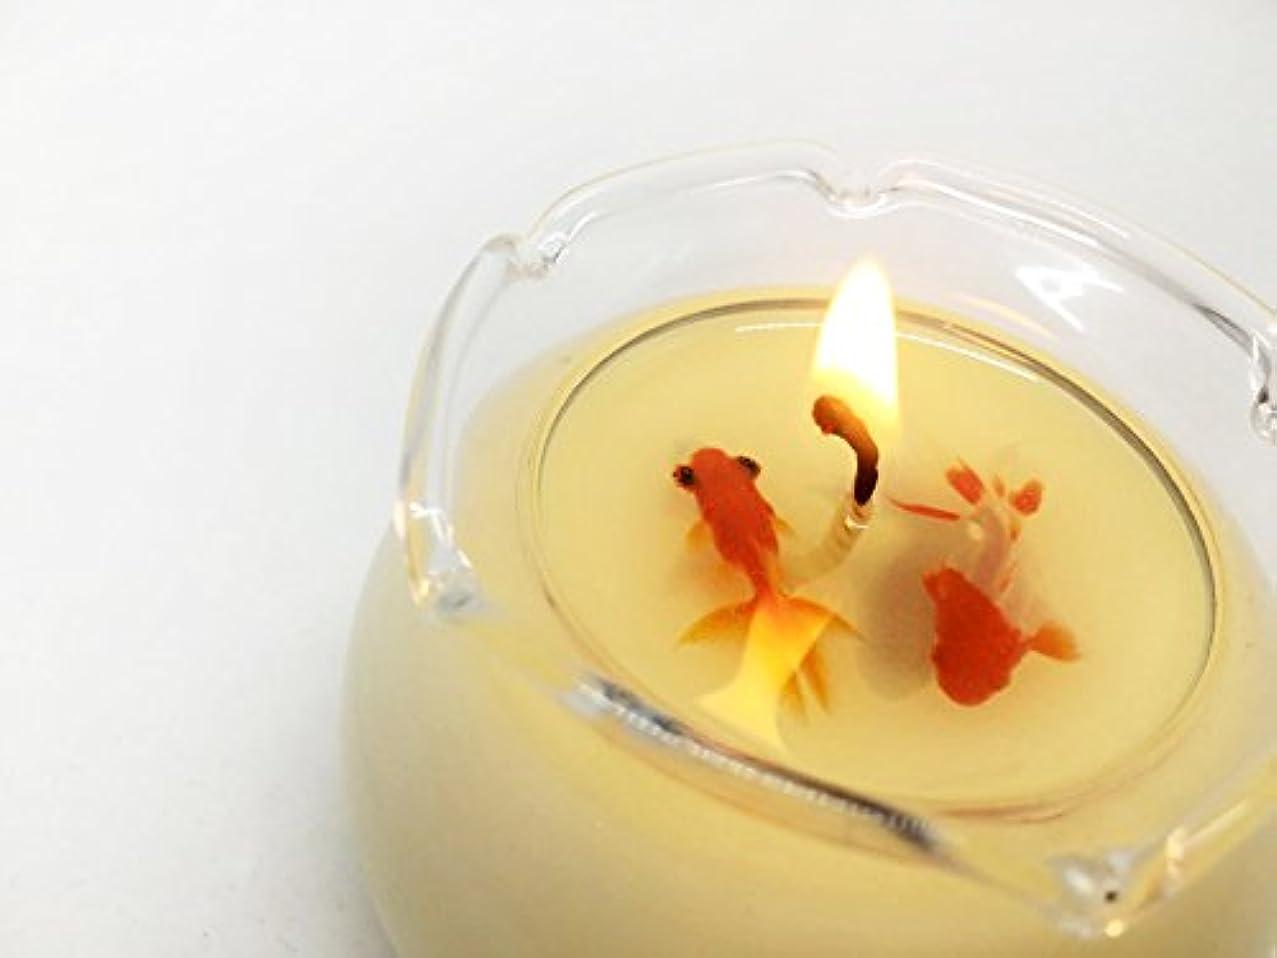 おしゃれな人工的なレオナルドダSAFC-spring Soy Aroma Fish Candle spring(梅) SAFC-spring